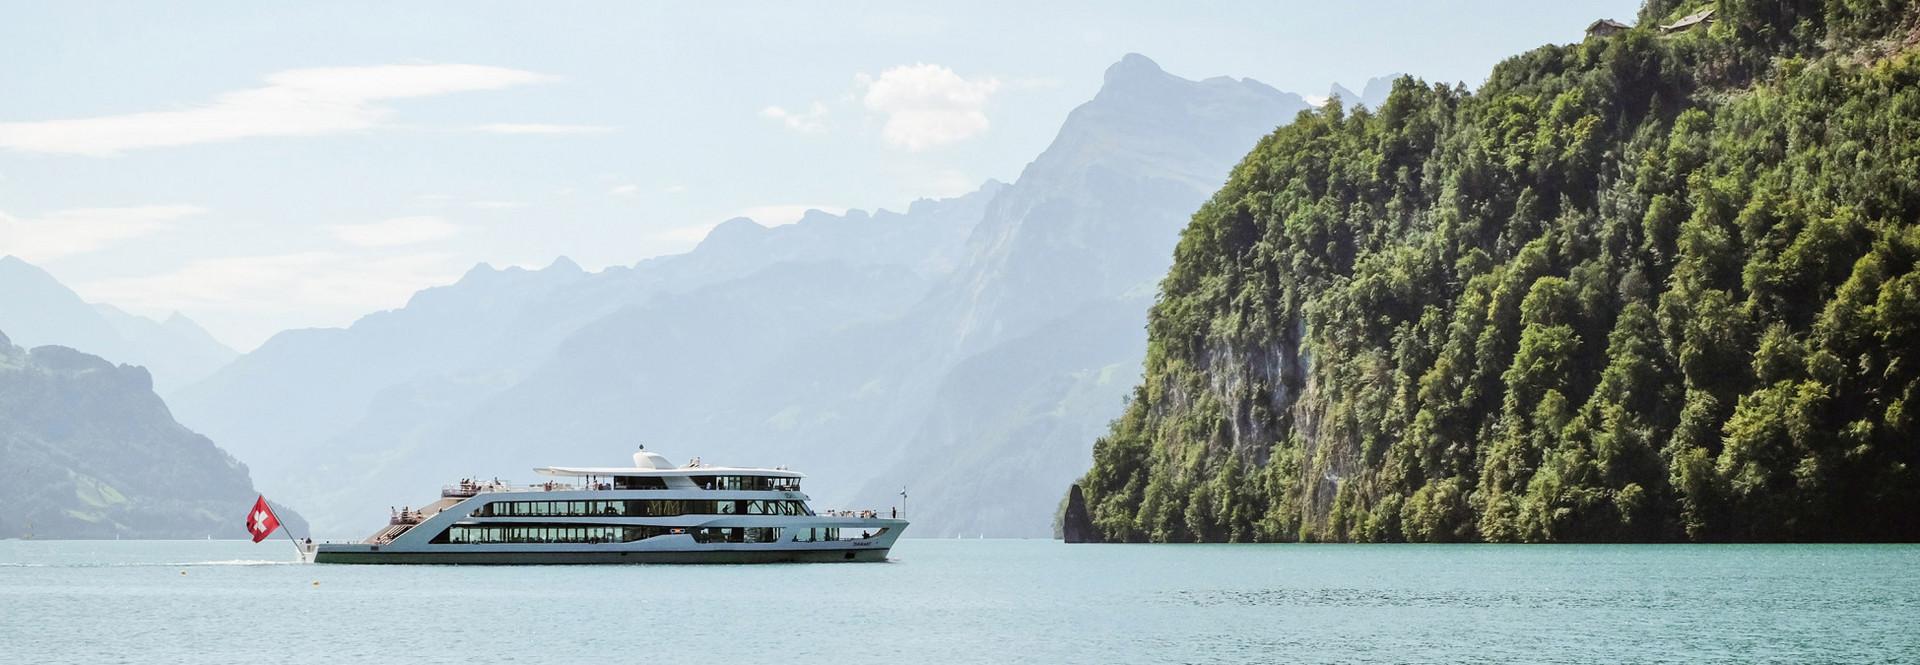 Das Motorschiff Diamant erfüllt für eine Rundfahrt im Urnersee alle Bedingungen.